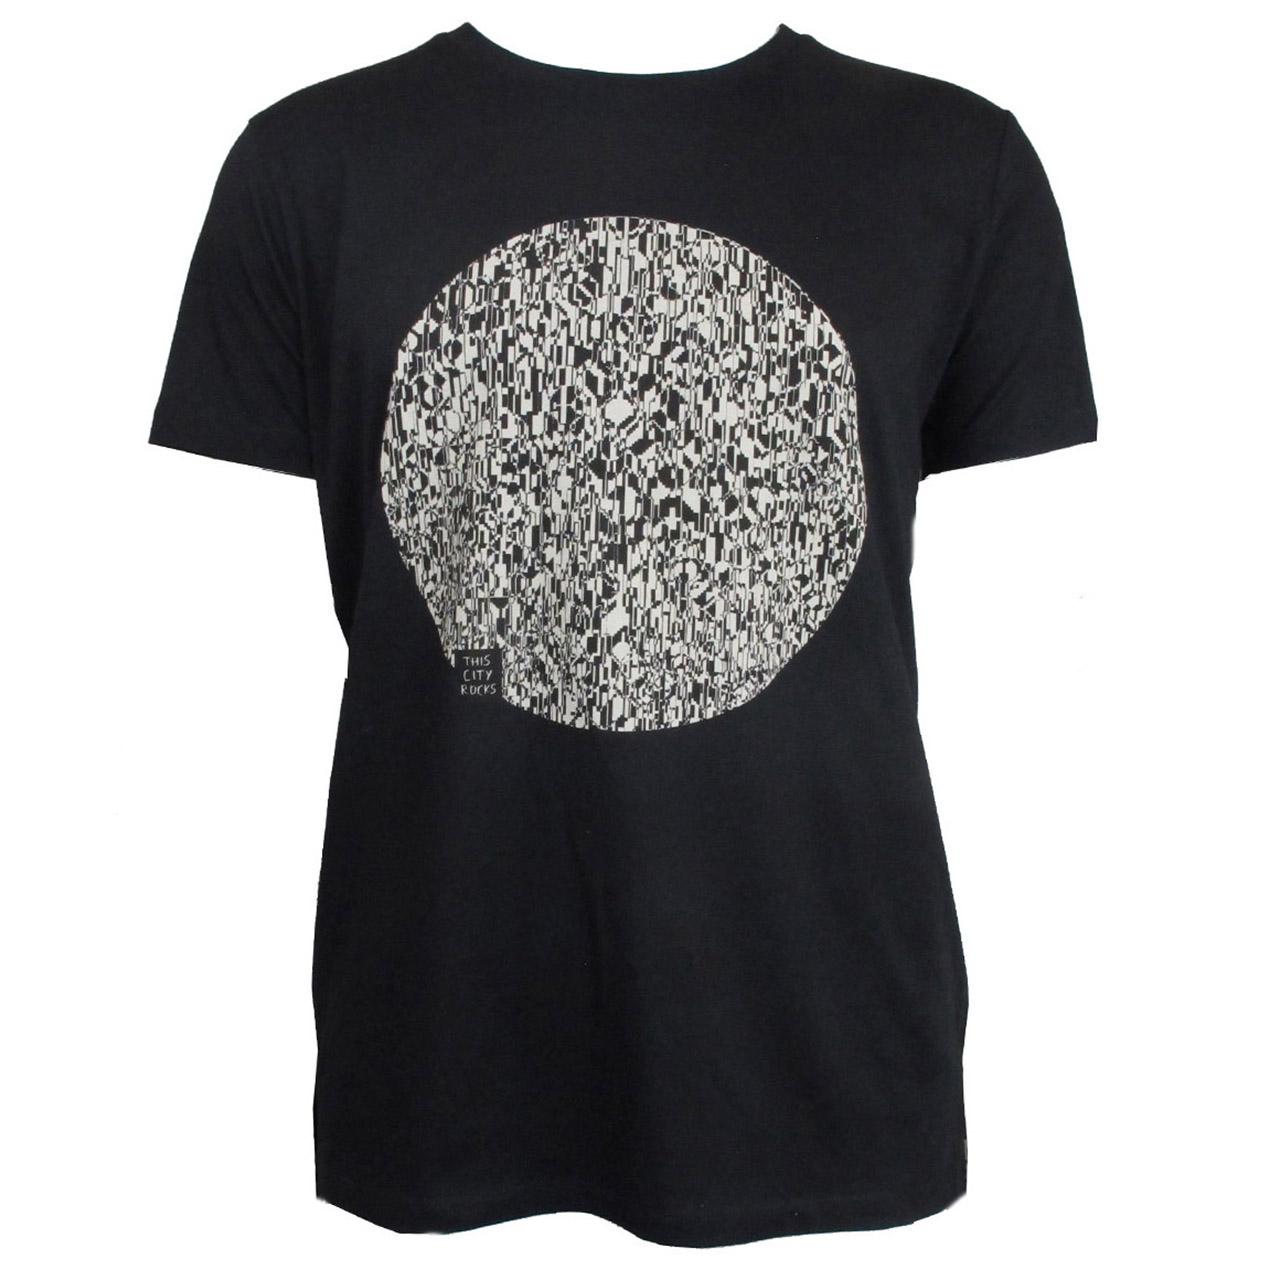 Berlin T-Shirt Fernsehturm Kreis men schwarz/weiß